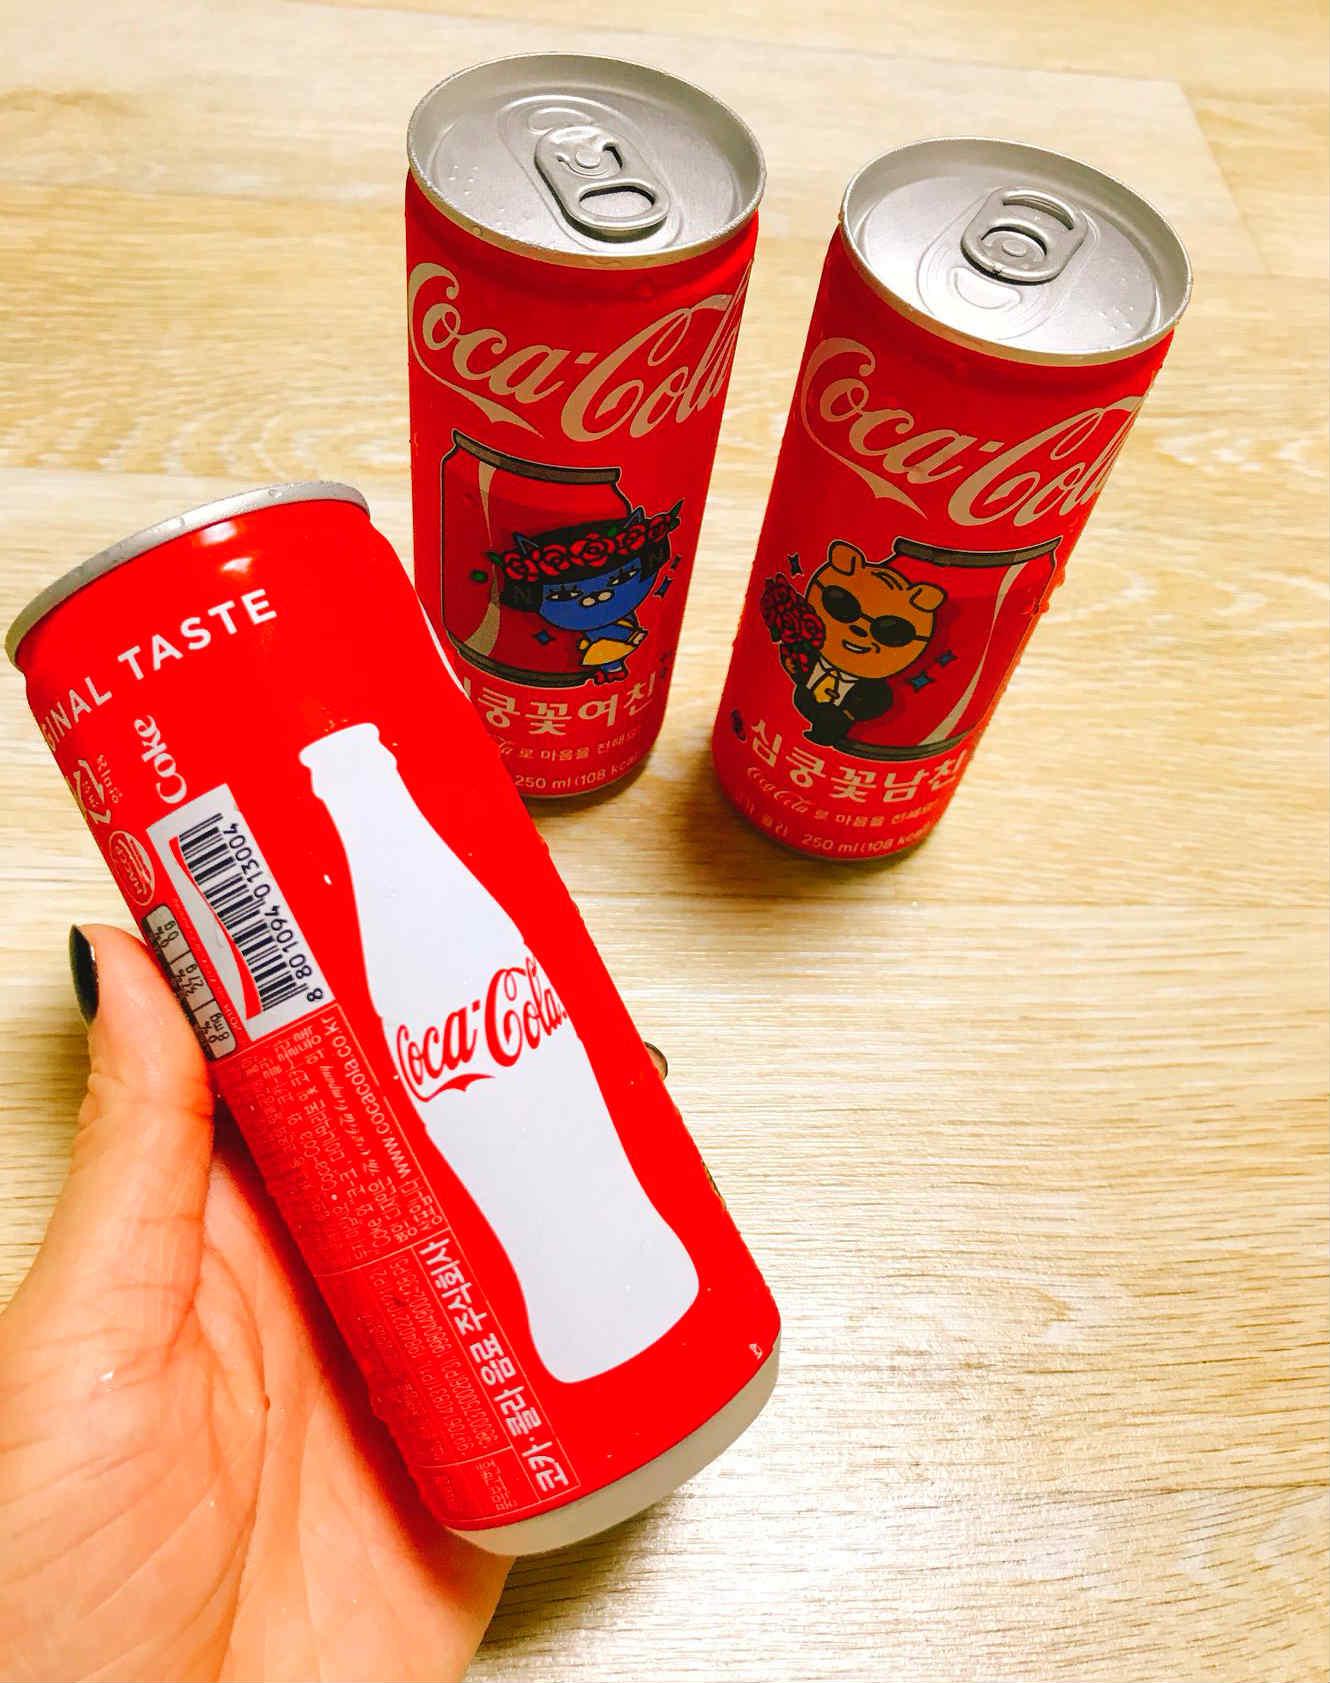 還在等什麼?喜歡這款特別版可樂的朋友,快來蒐集啊!